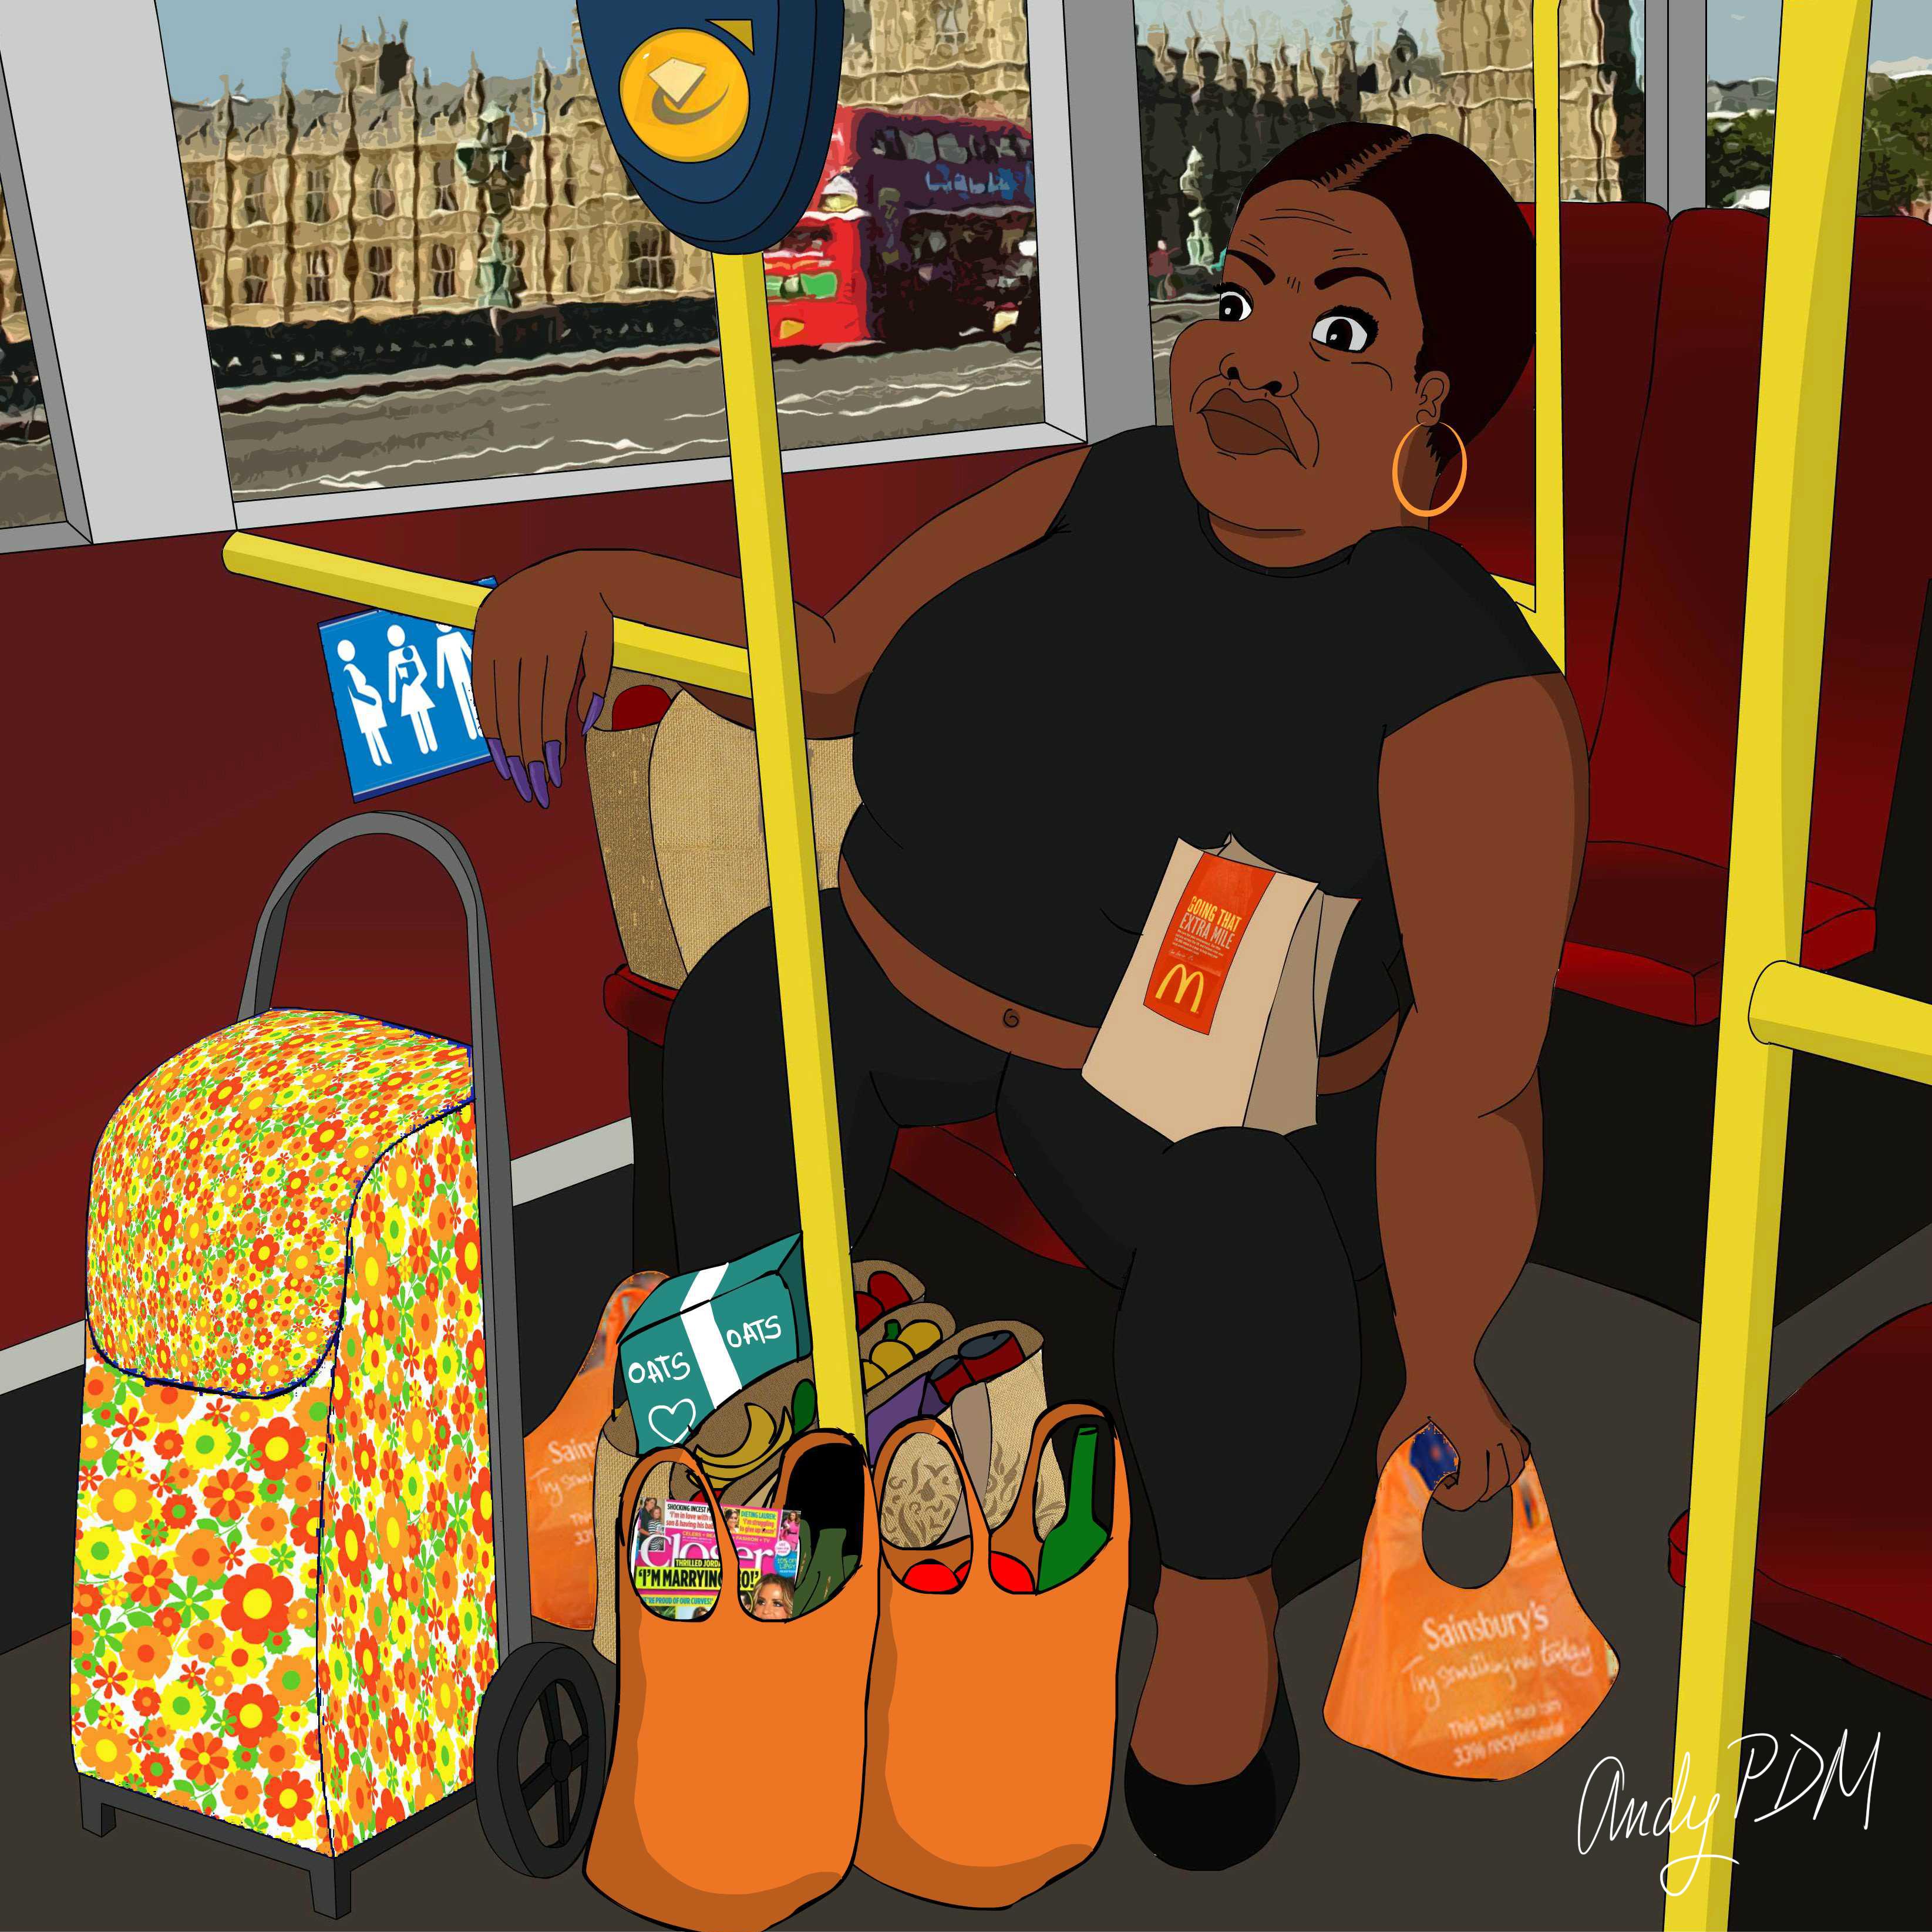 The South London Shopper